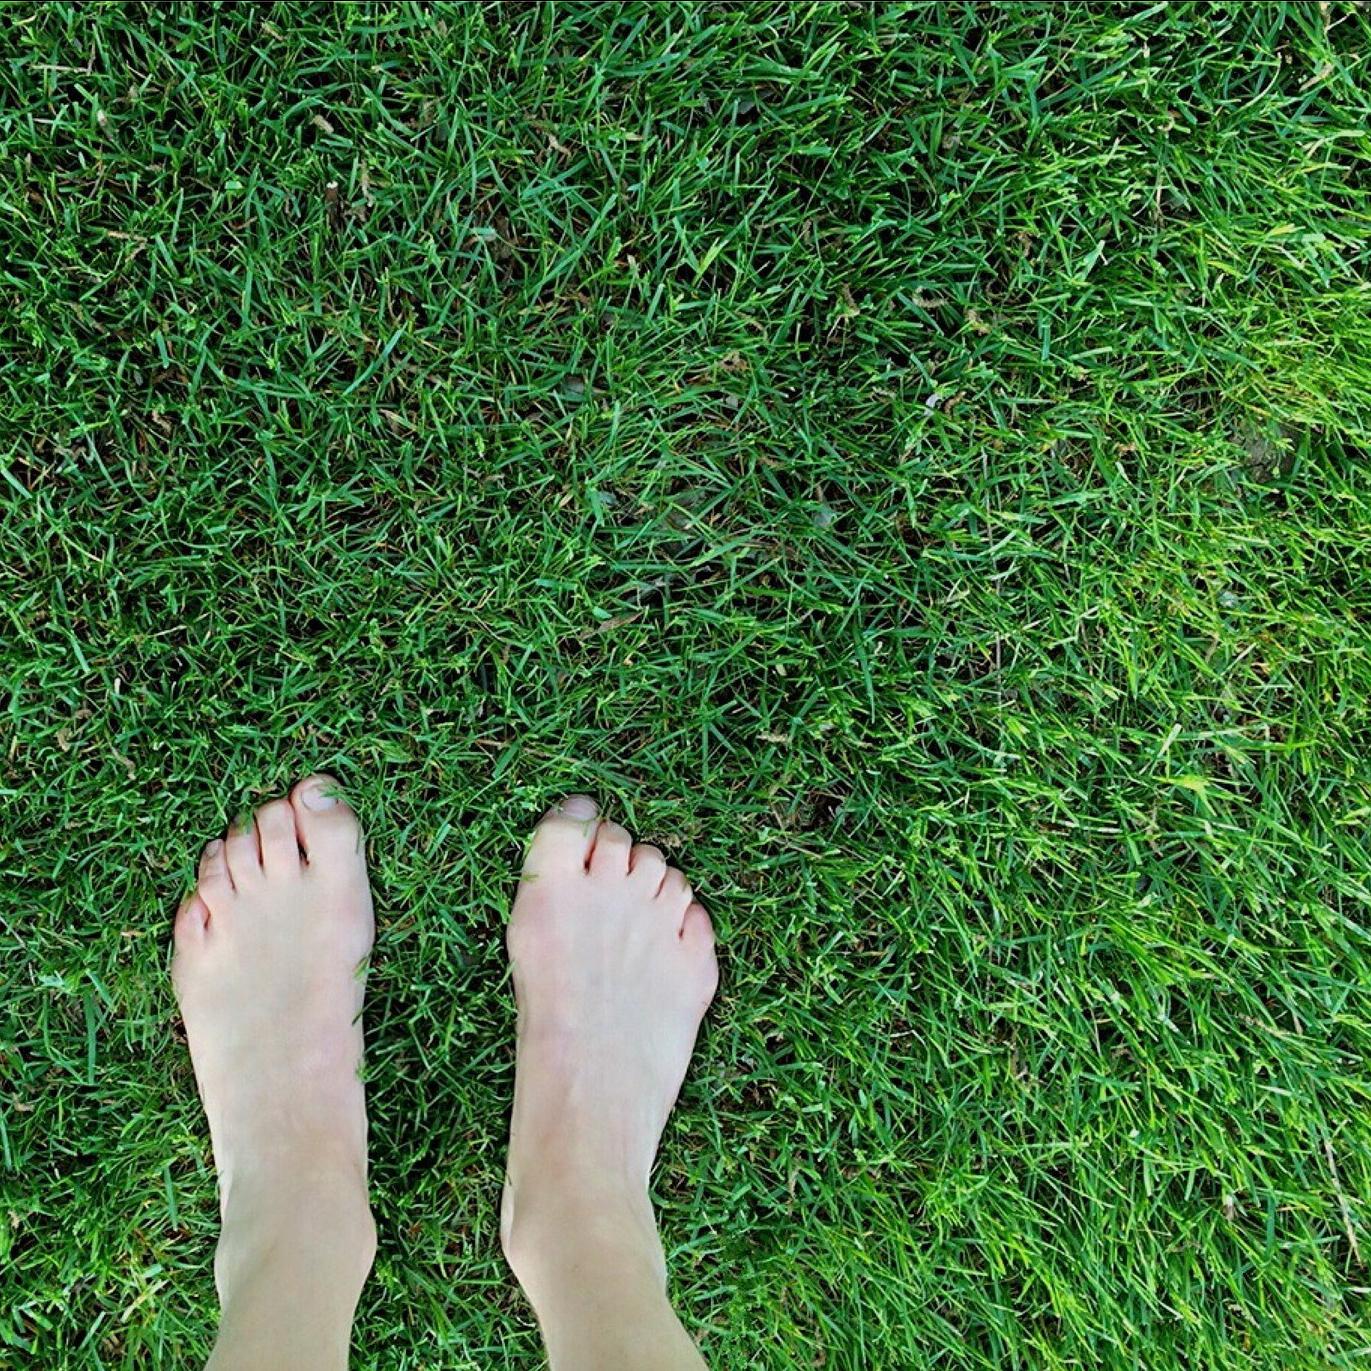 barefoot-1394847_1920